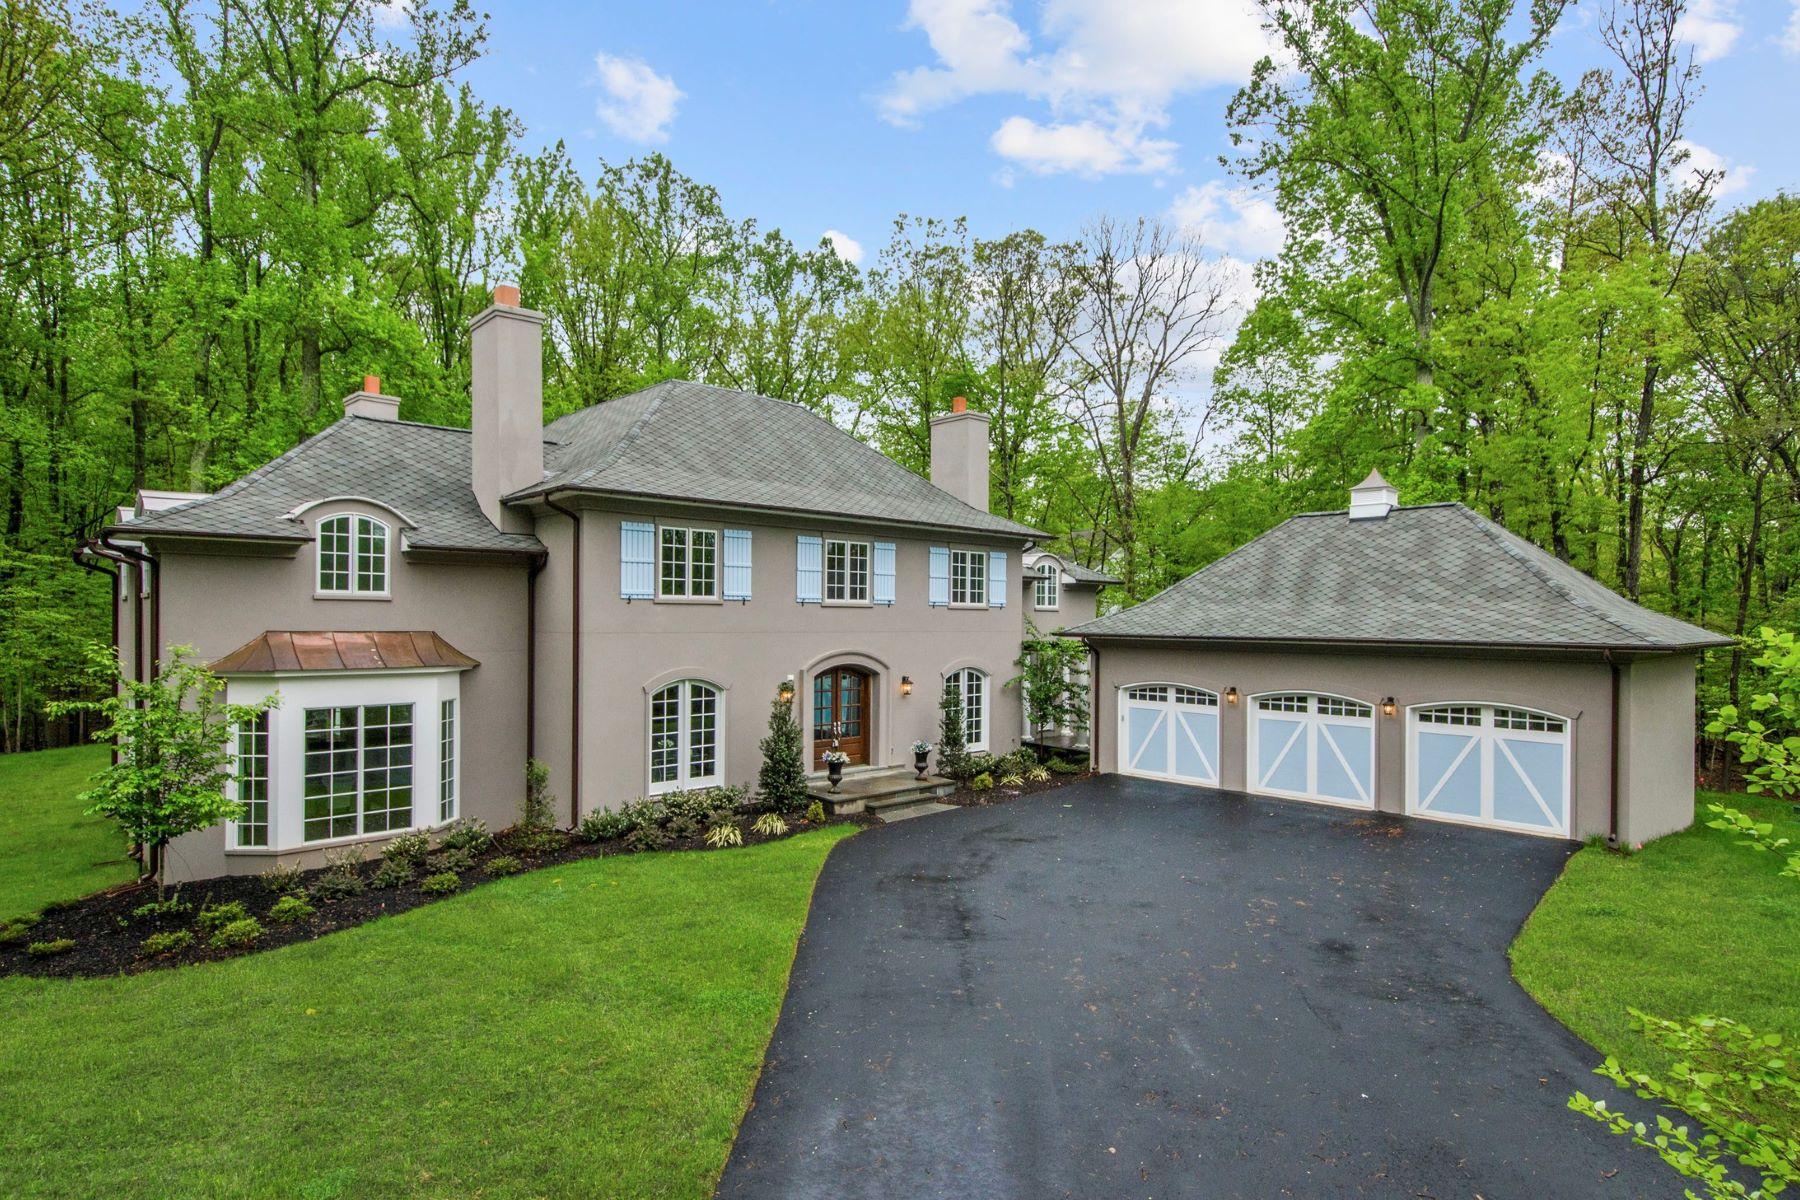 Casa Unifamiliar por un Venta en 9165 Old Dominion Drive, Mclean McLean, Virginia, 22102 Estados Unidos